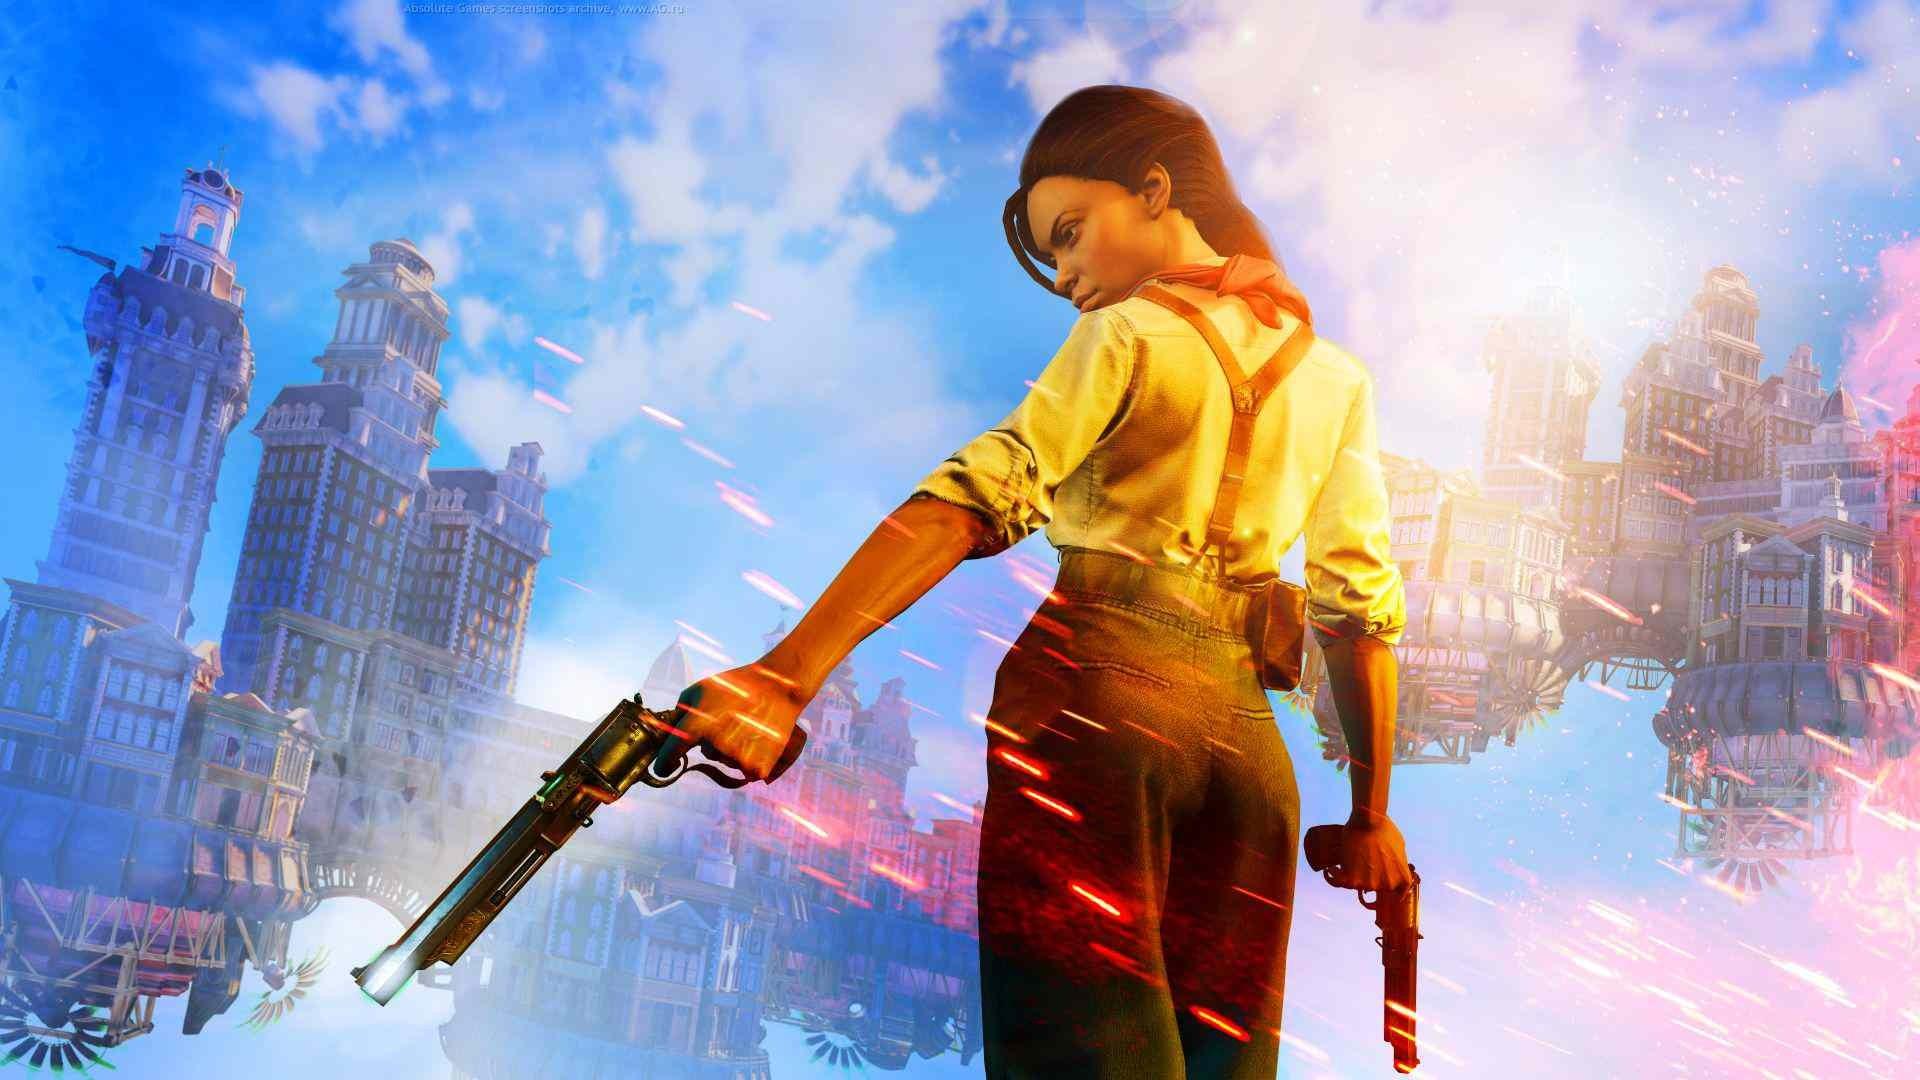 ВSteam проводится новая распродажа — скидки до80% наигры серий Borderlands, Mafia, BioShock идругие